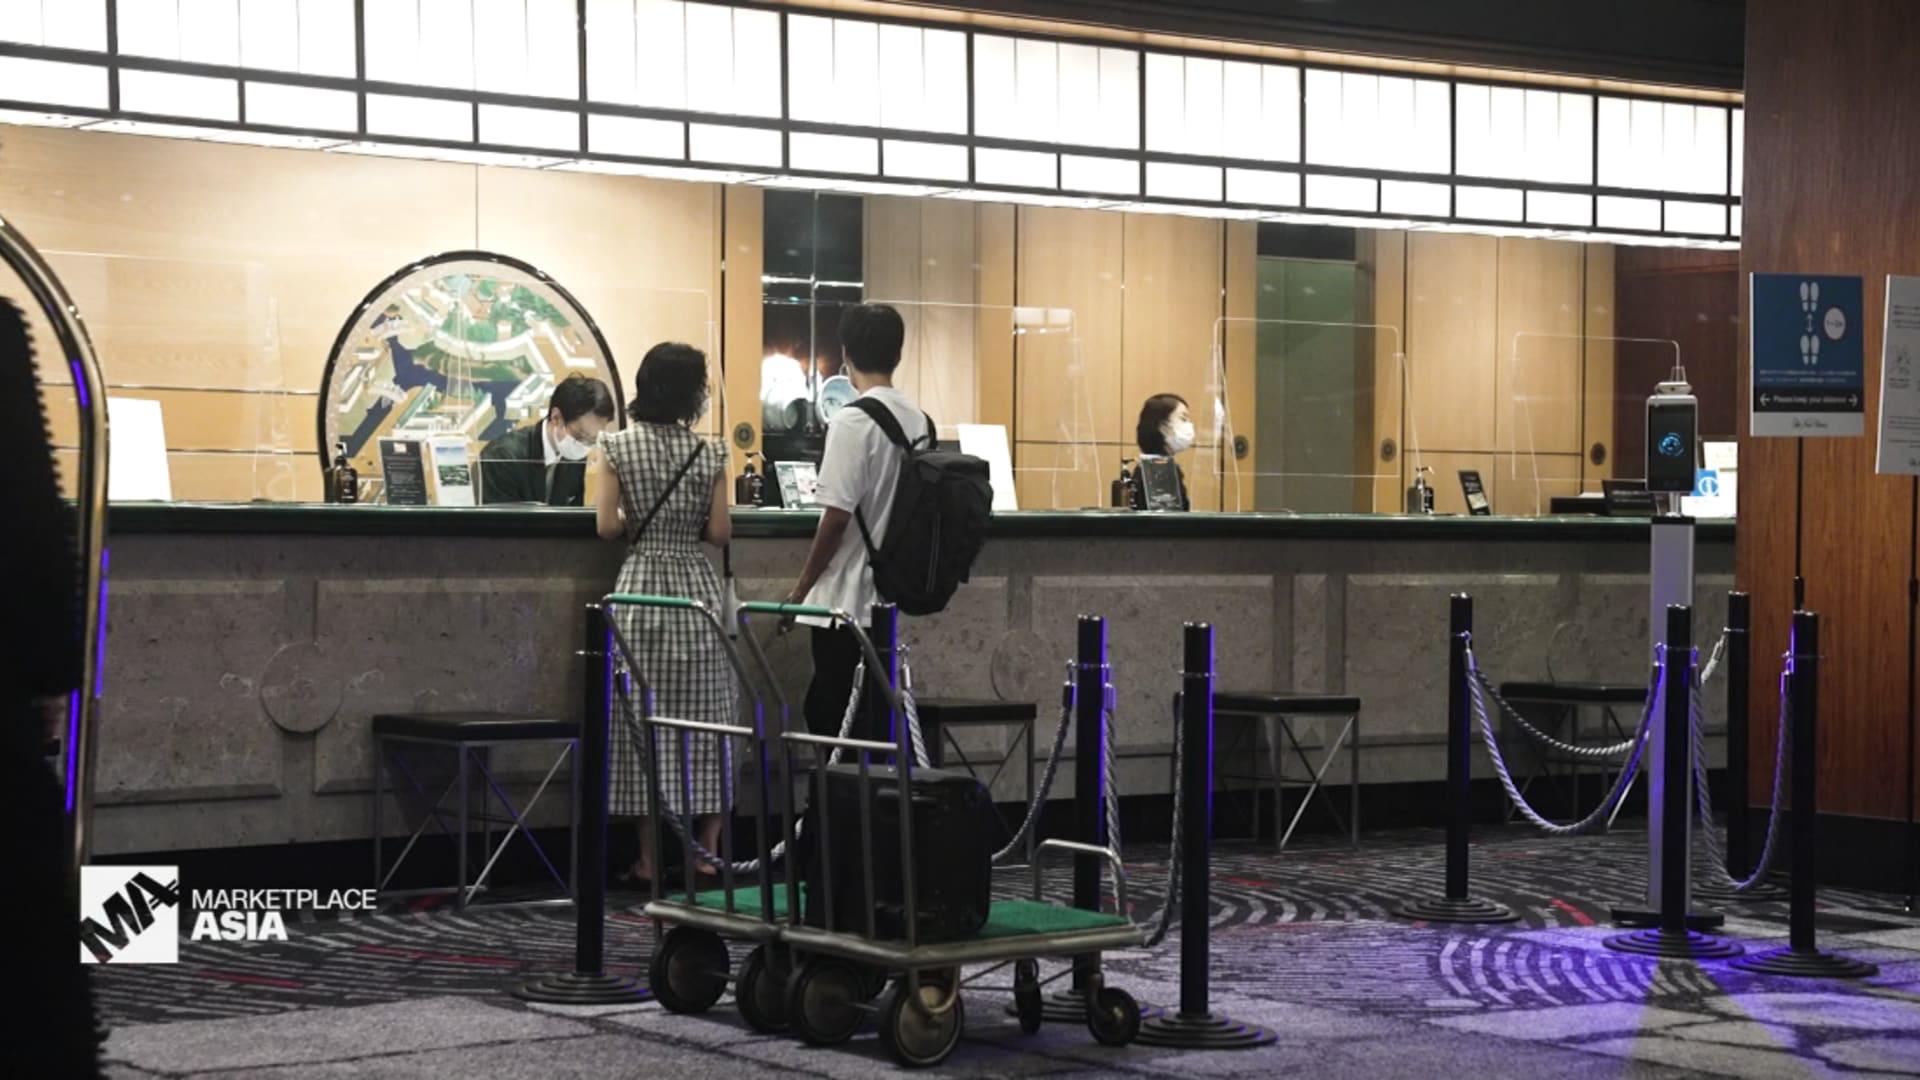 شاهد كيف استغلت الفنادق العمل عن بعد في ظل الوباء؟ thumbnail